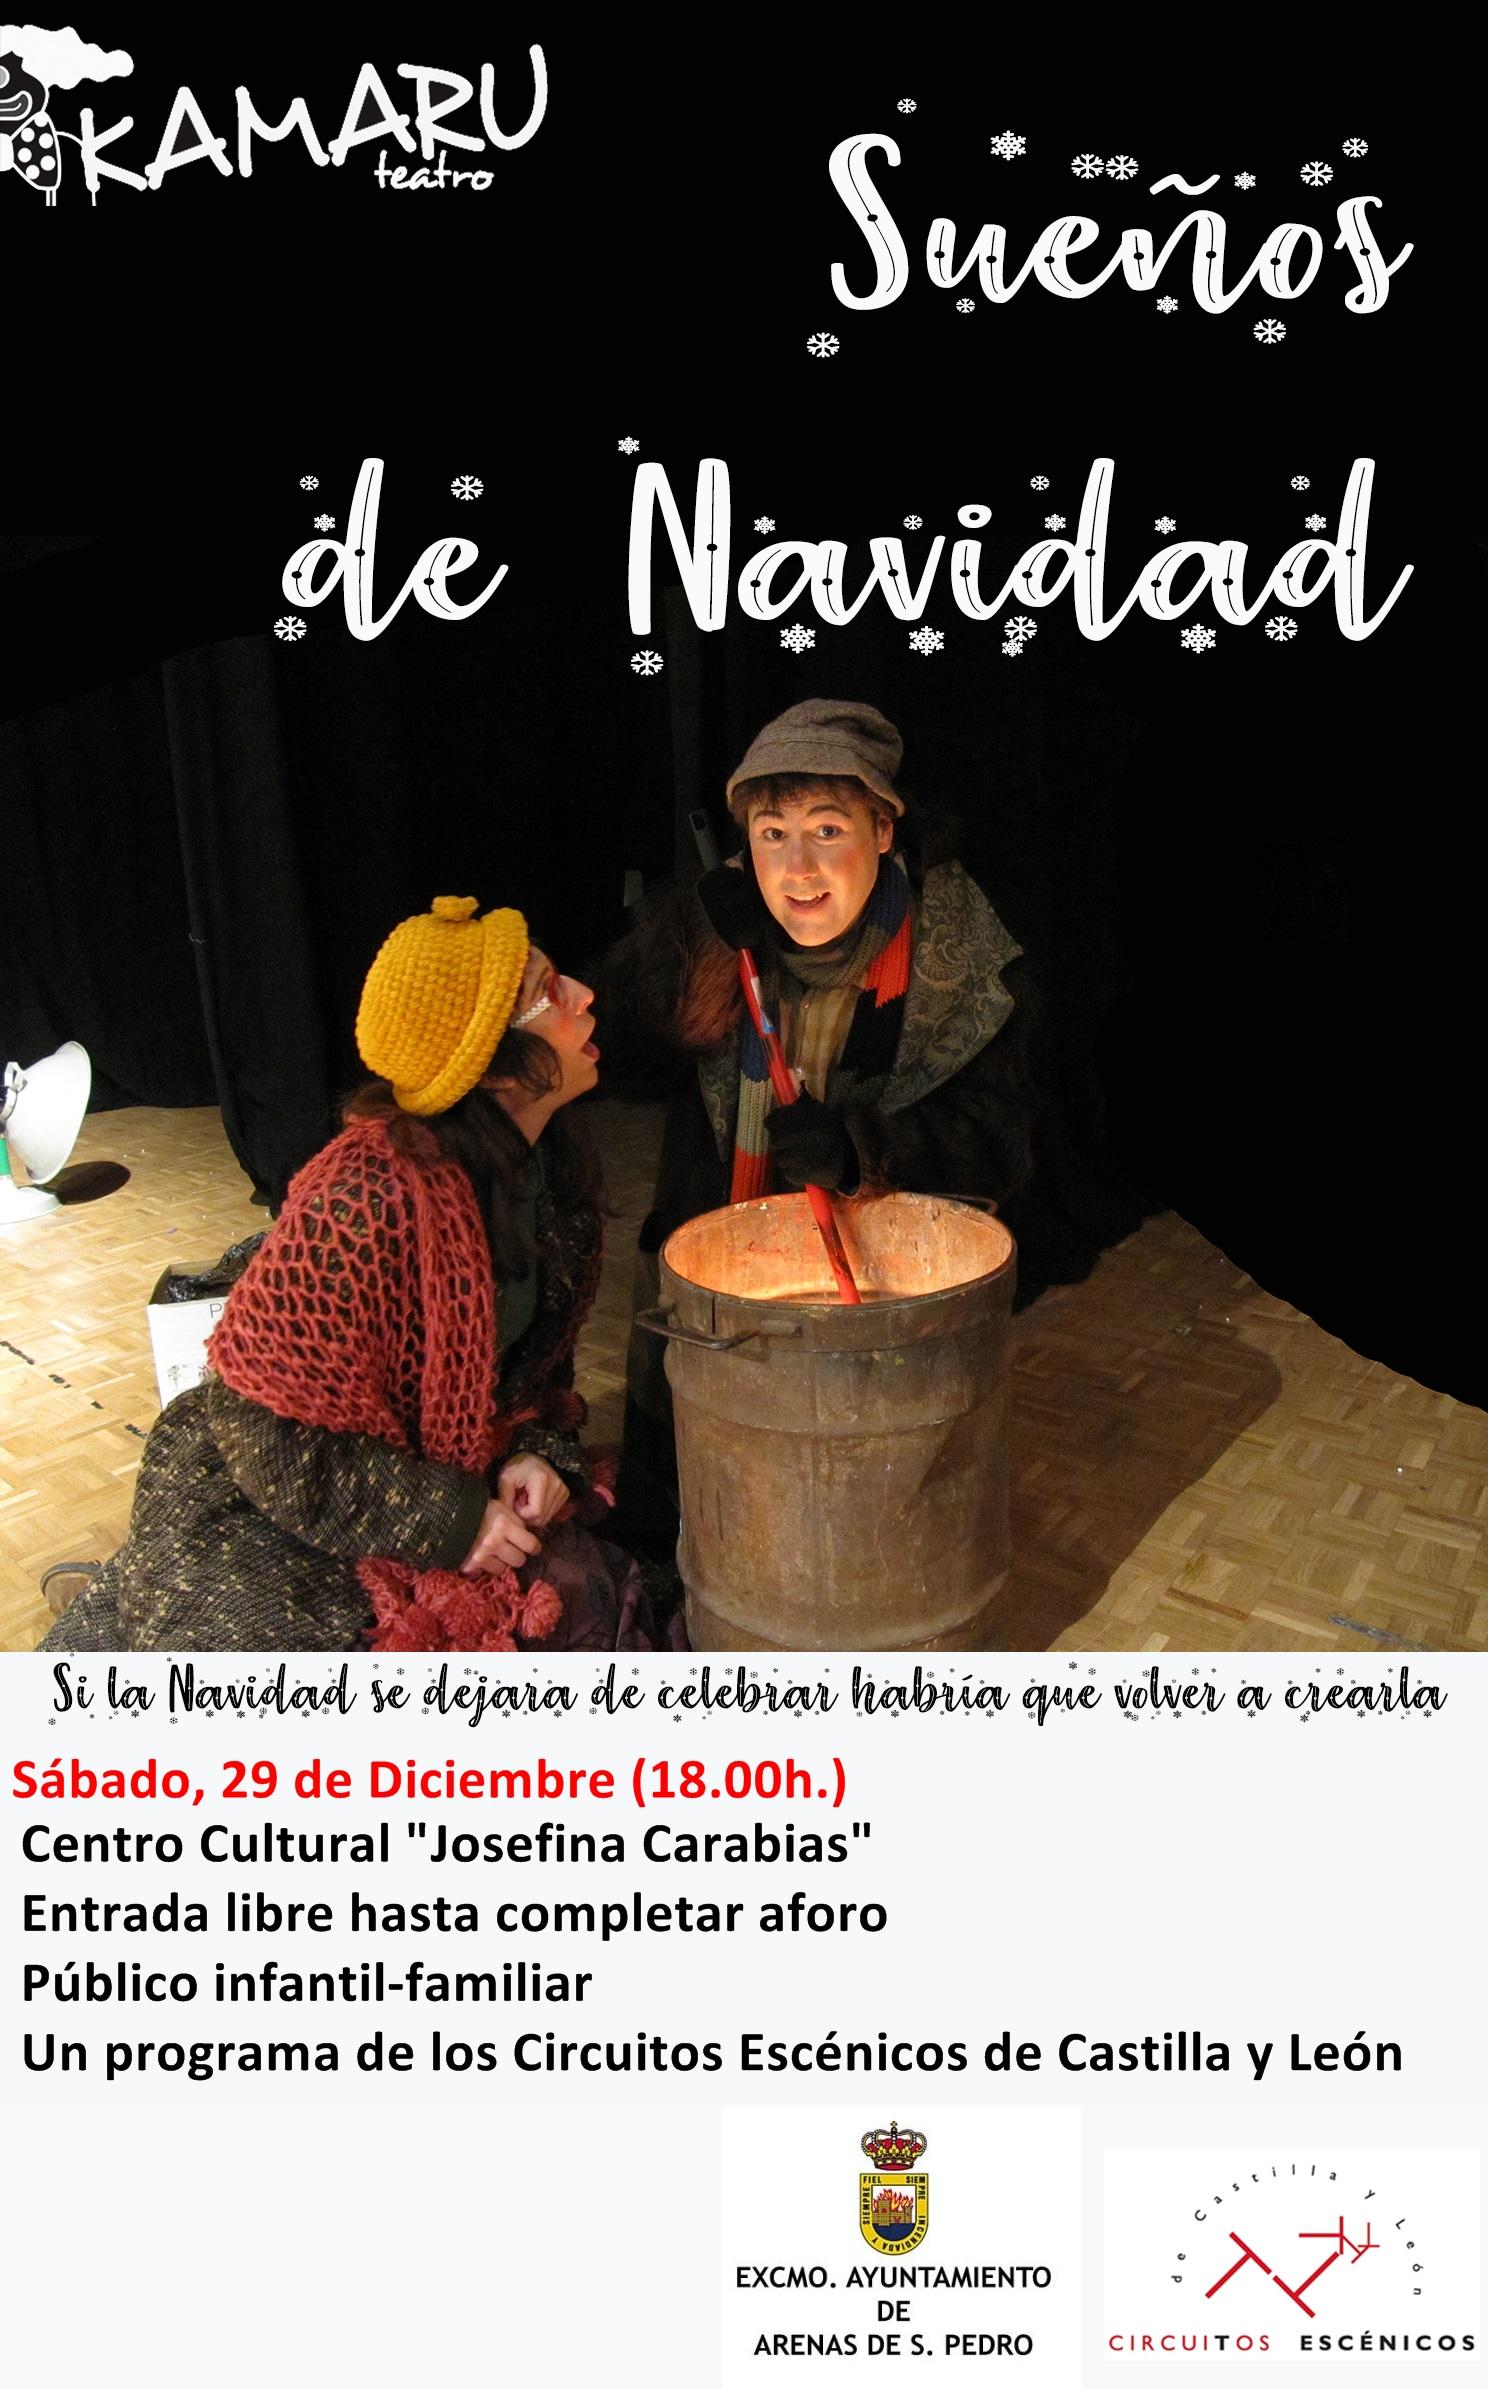 Sueños de Navidad - Kamaru - Arenas de San Pedro - TiétarTeVe